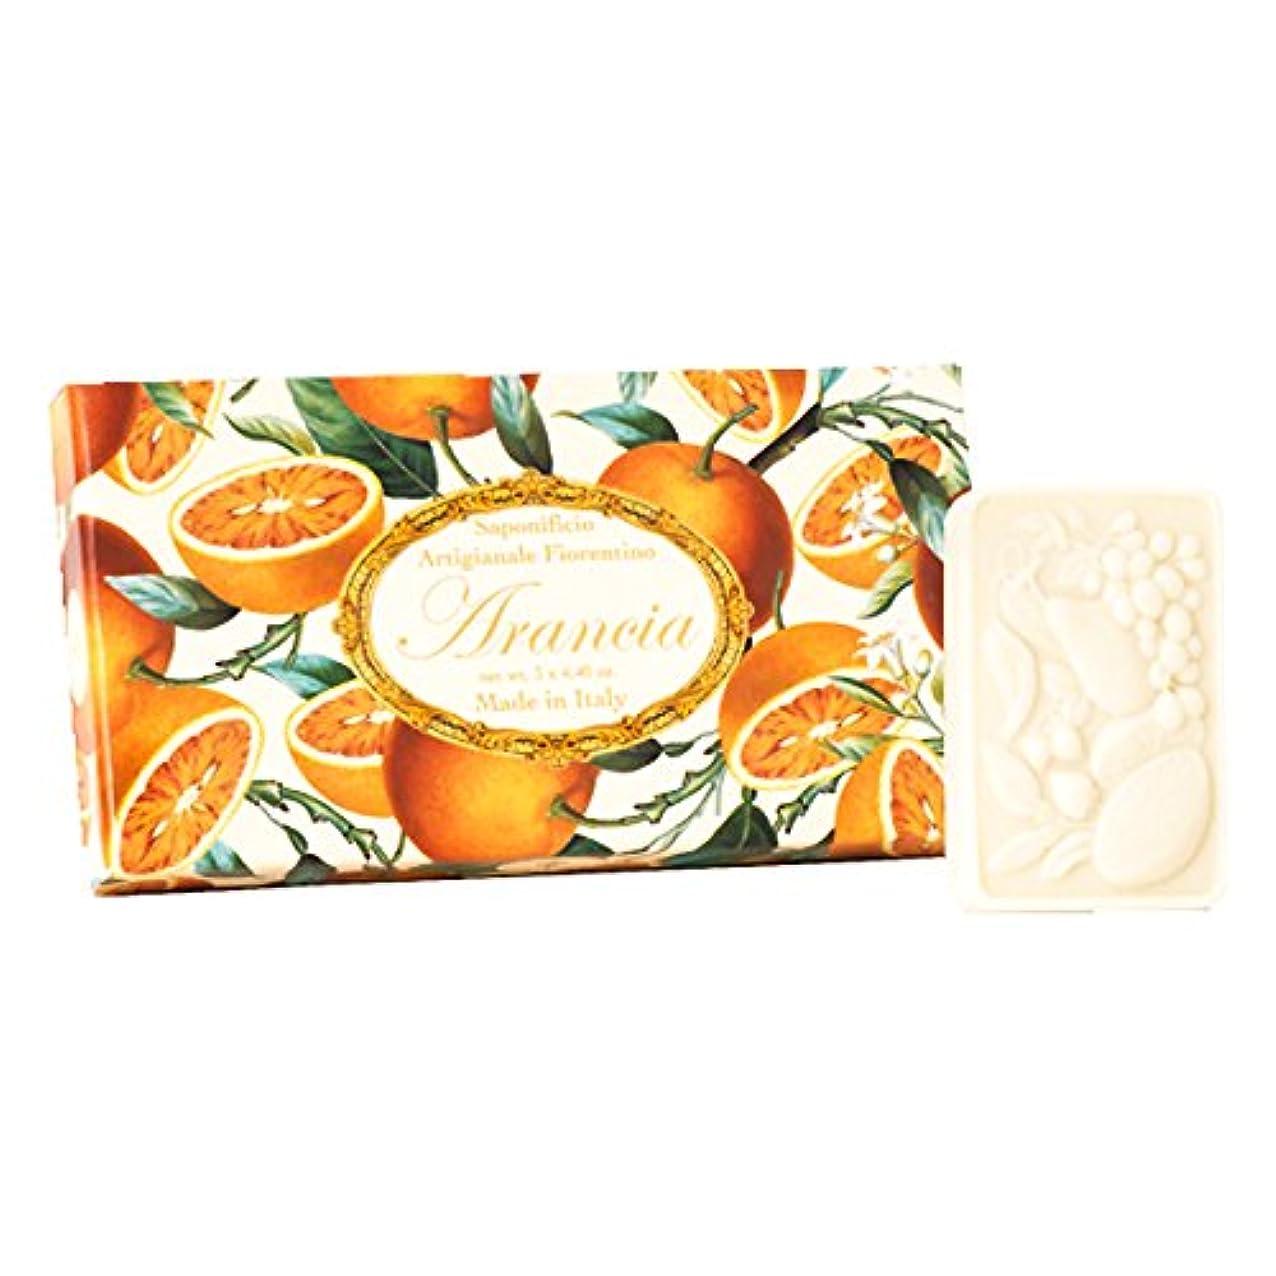 振りかける薬用悪意のあるフィレンツェの 長い歴史から生まれたこだわり石鹸 オレンジ【刻印125g×3個セット】